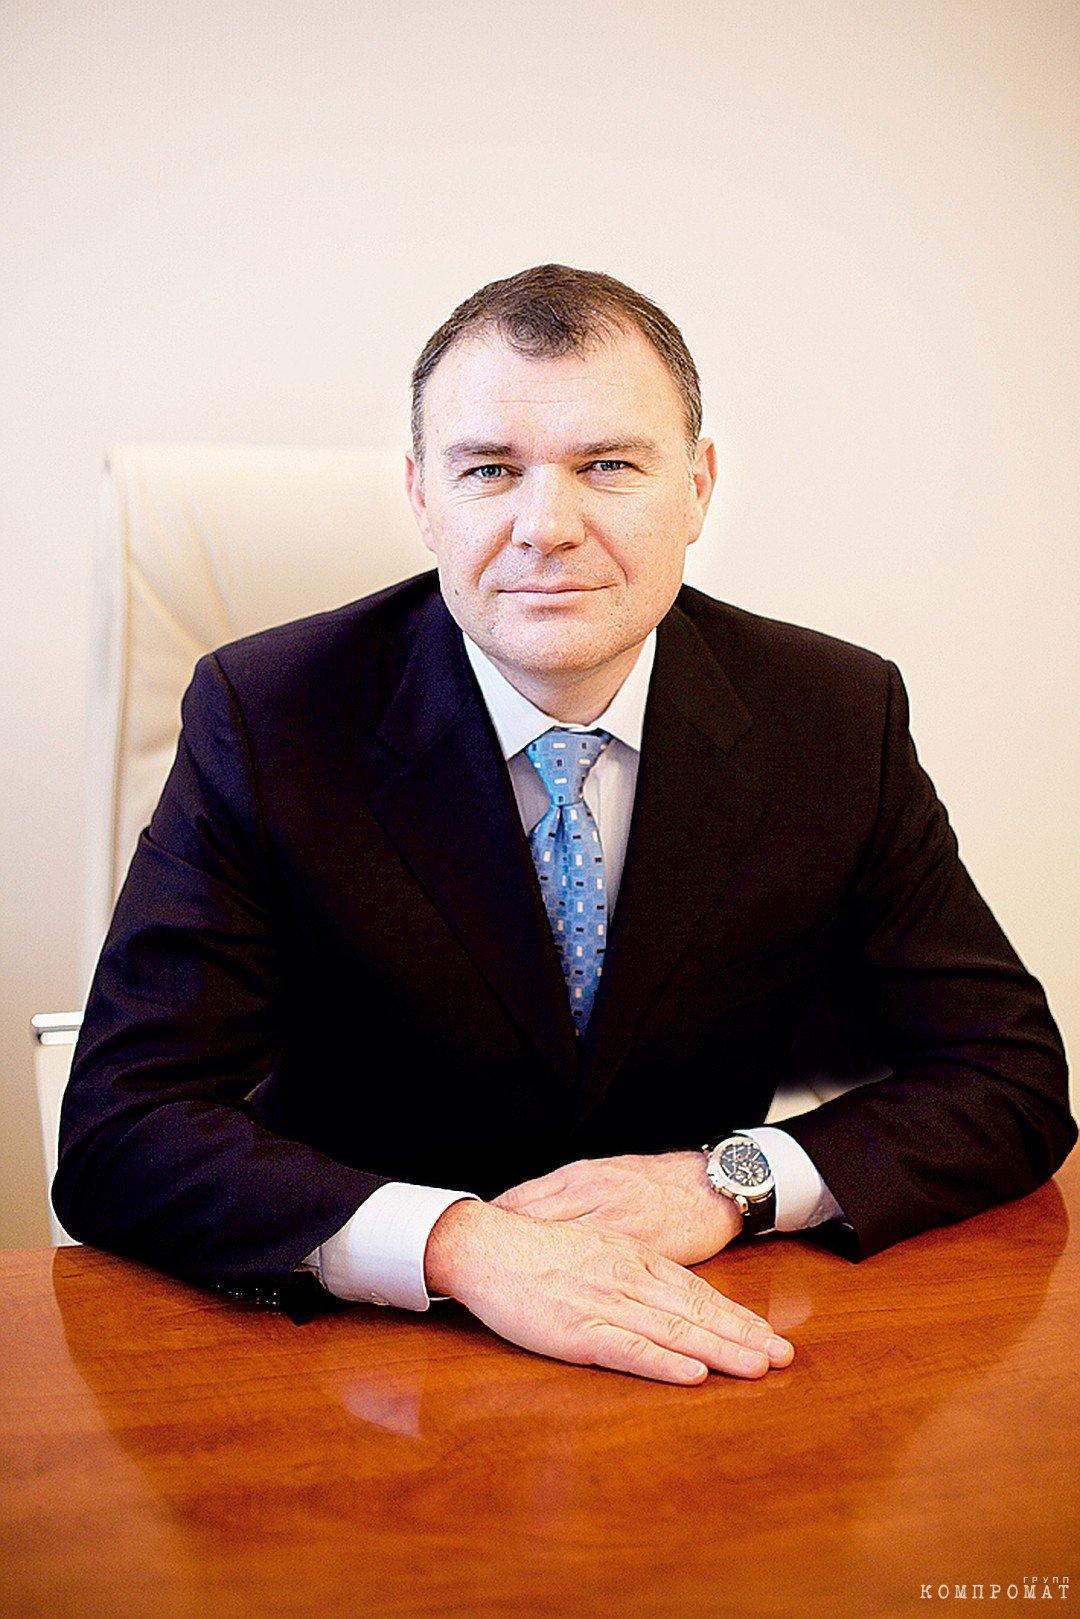 Часы Henry Wilson приблизительной стоимостью в 2,5 миллиона рублей